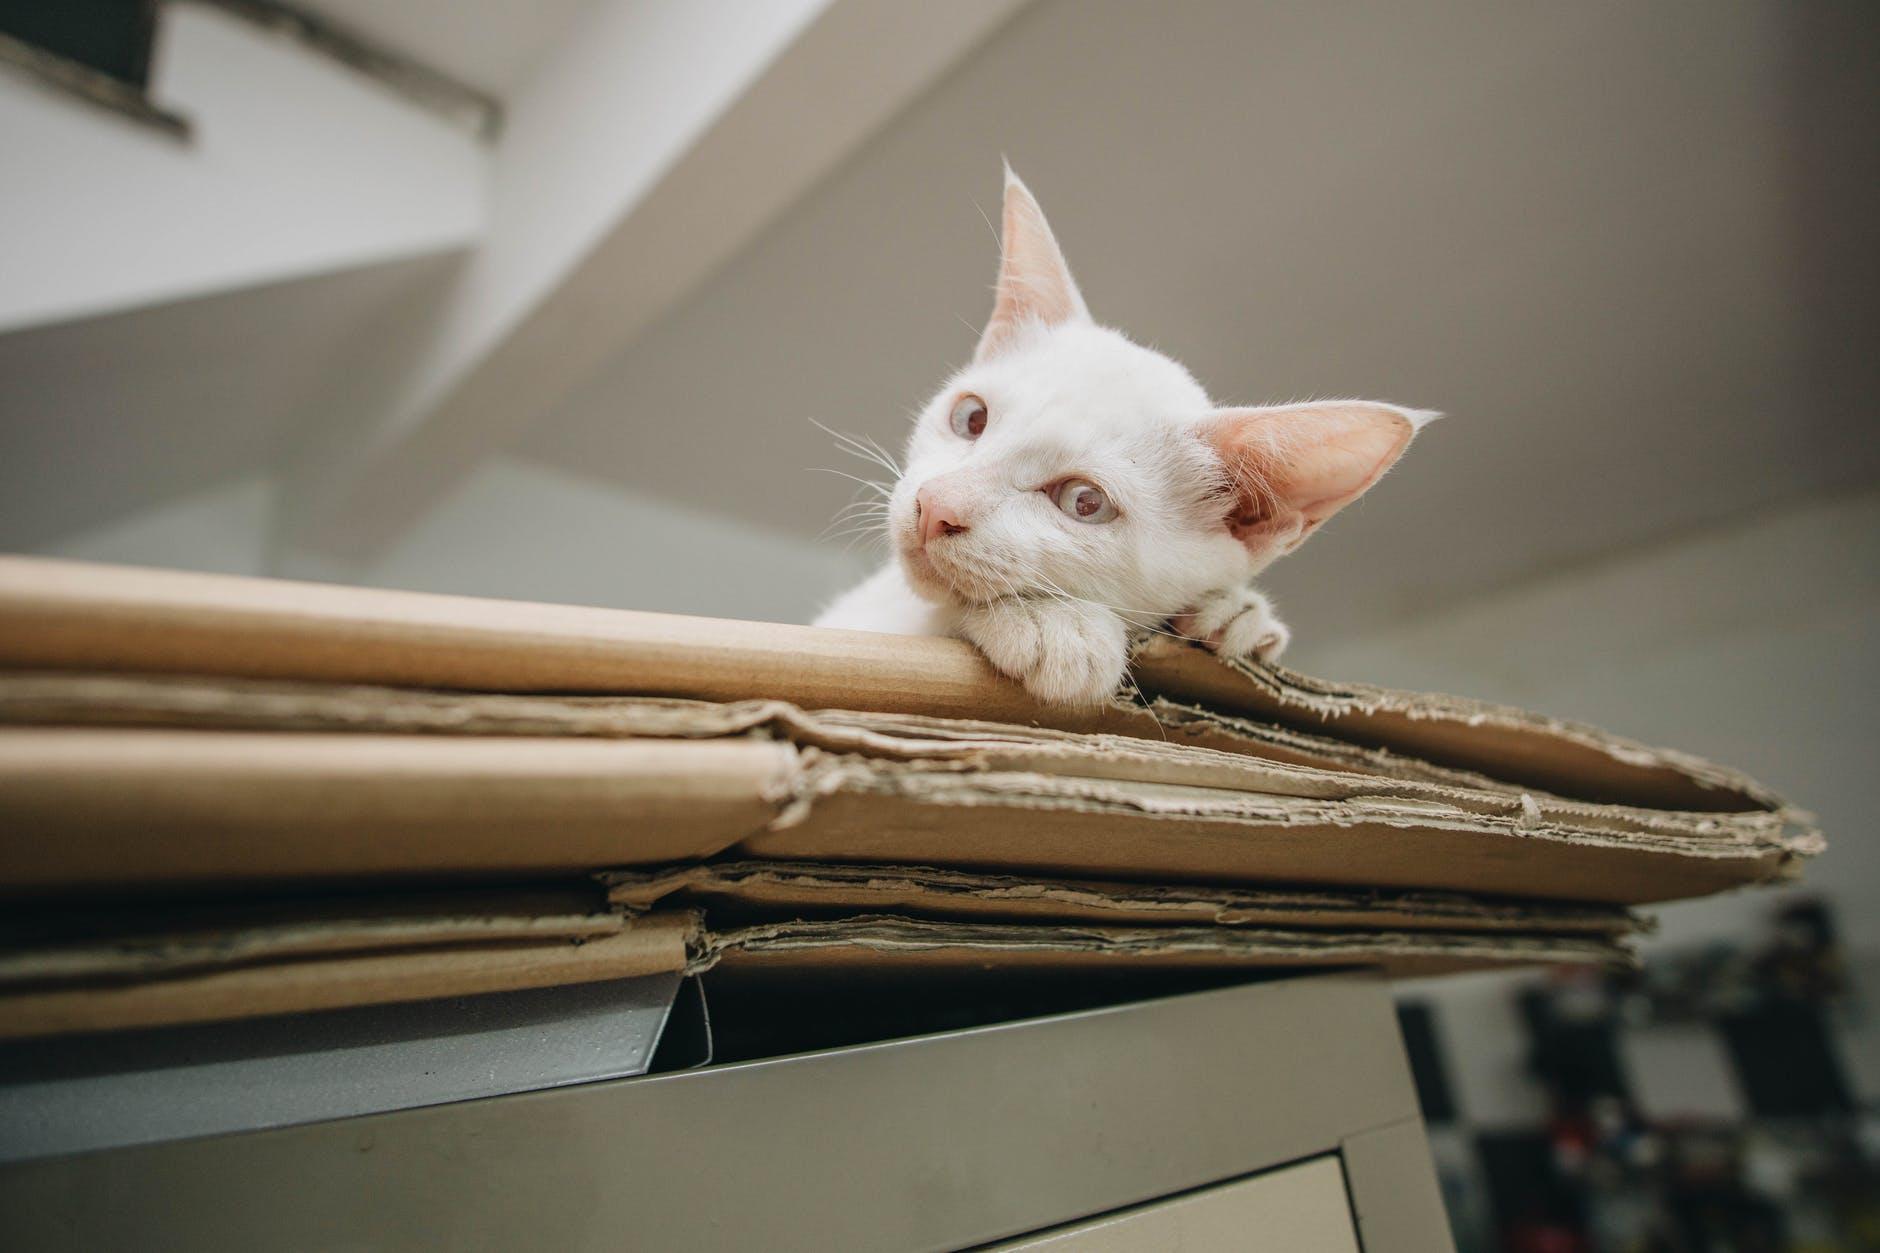 Pourquoi voyons-nous des chats dans des boîtes en carton si heureux?